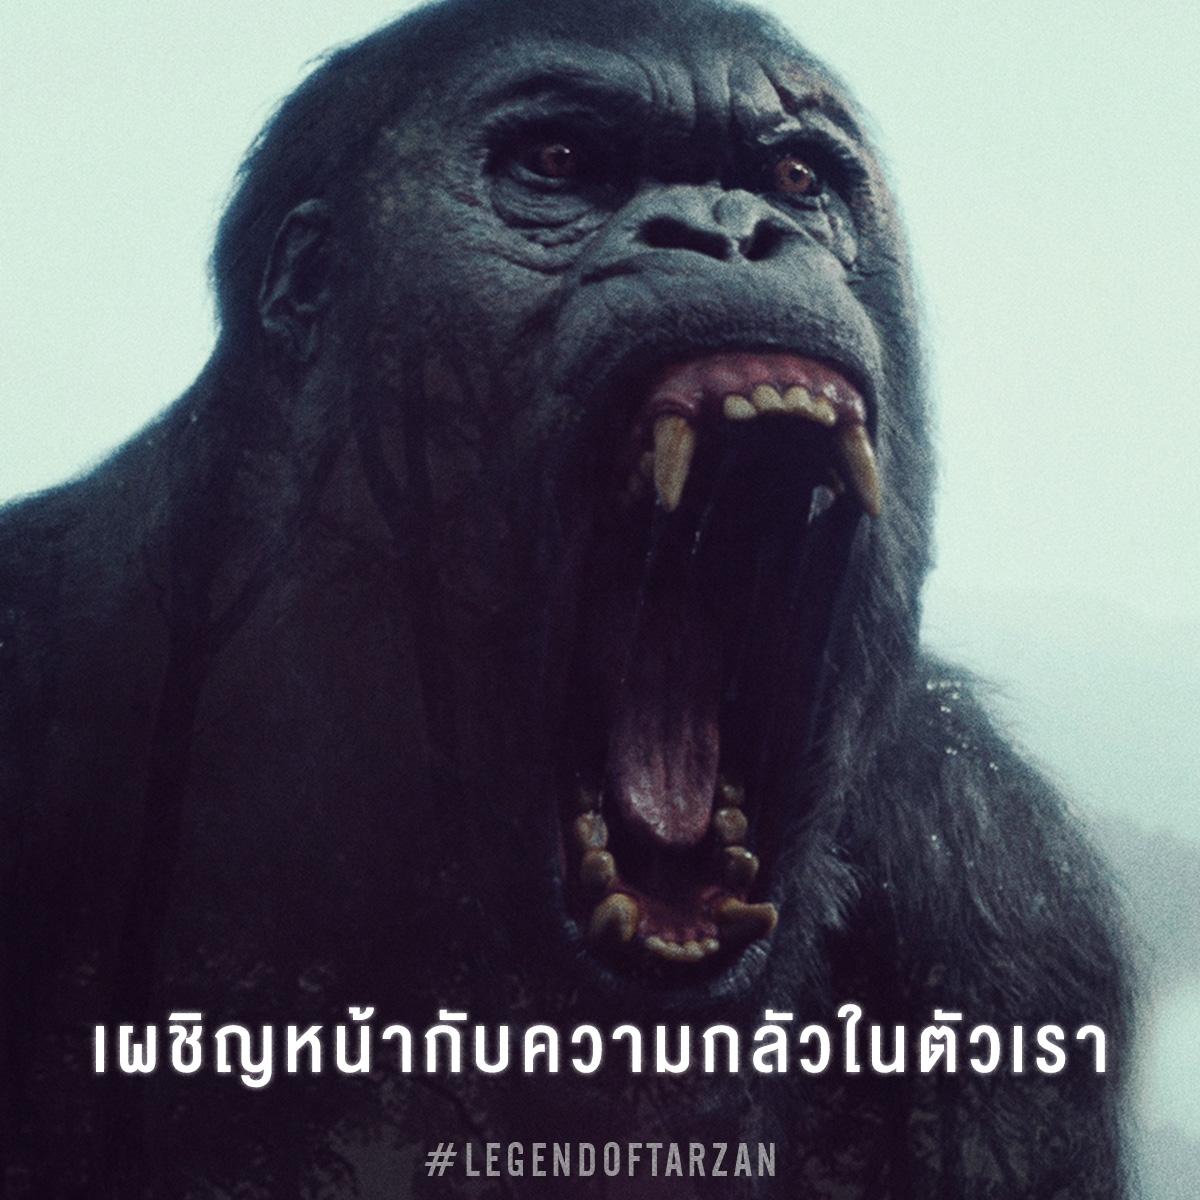 หนังใหม่  The Legend of Tarzan  ตำนานแห่งทาร์ซาน